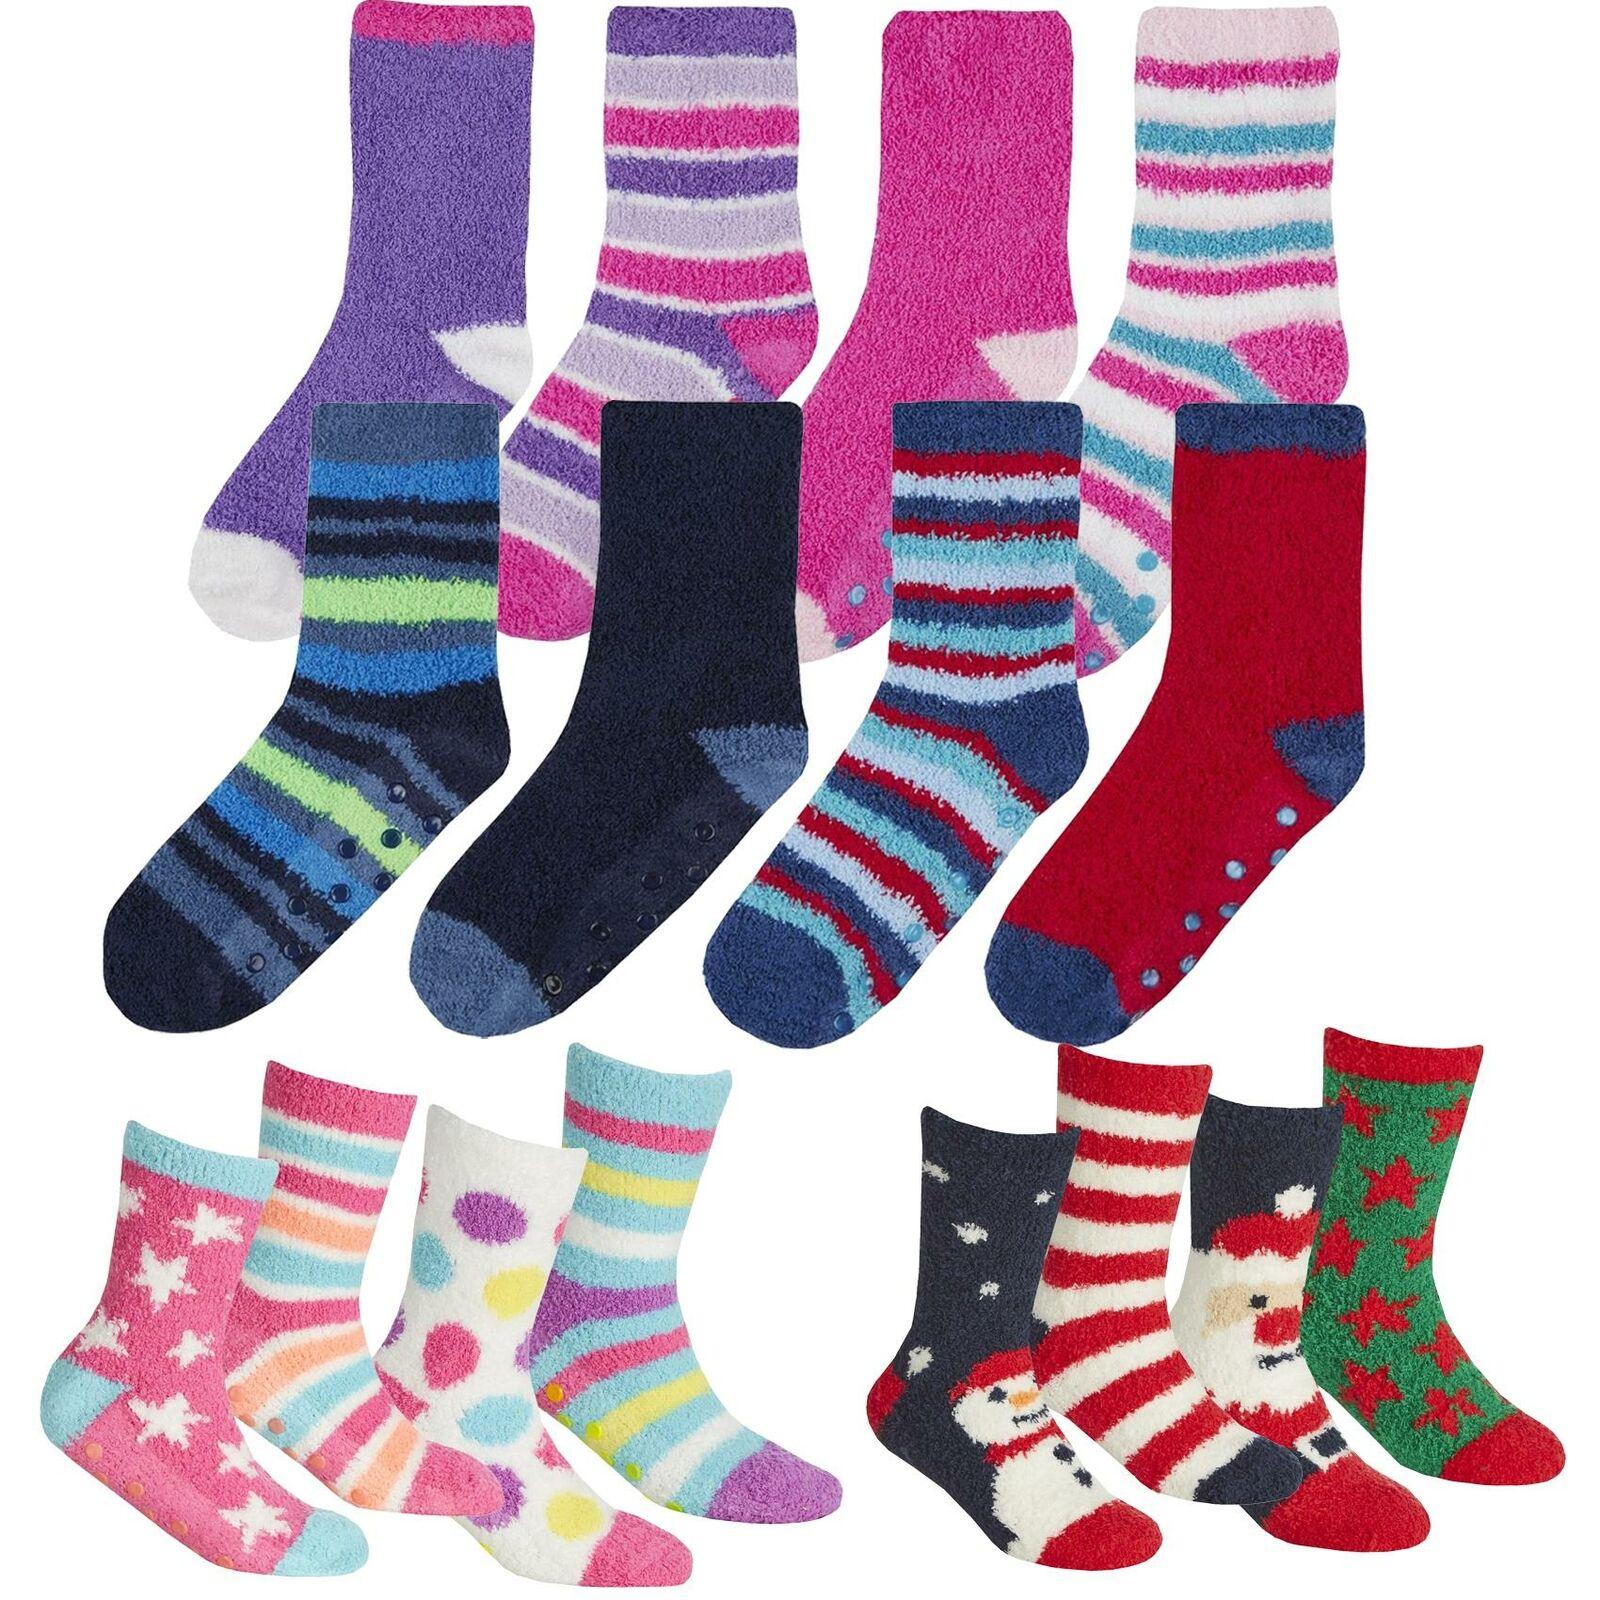 4 Pack Childrens Girls Boys Soft & Cosy Slipper Socks Anti Slip Grippers Gift